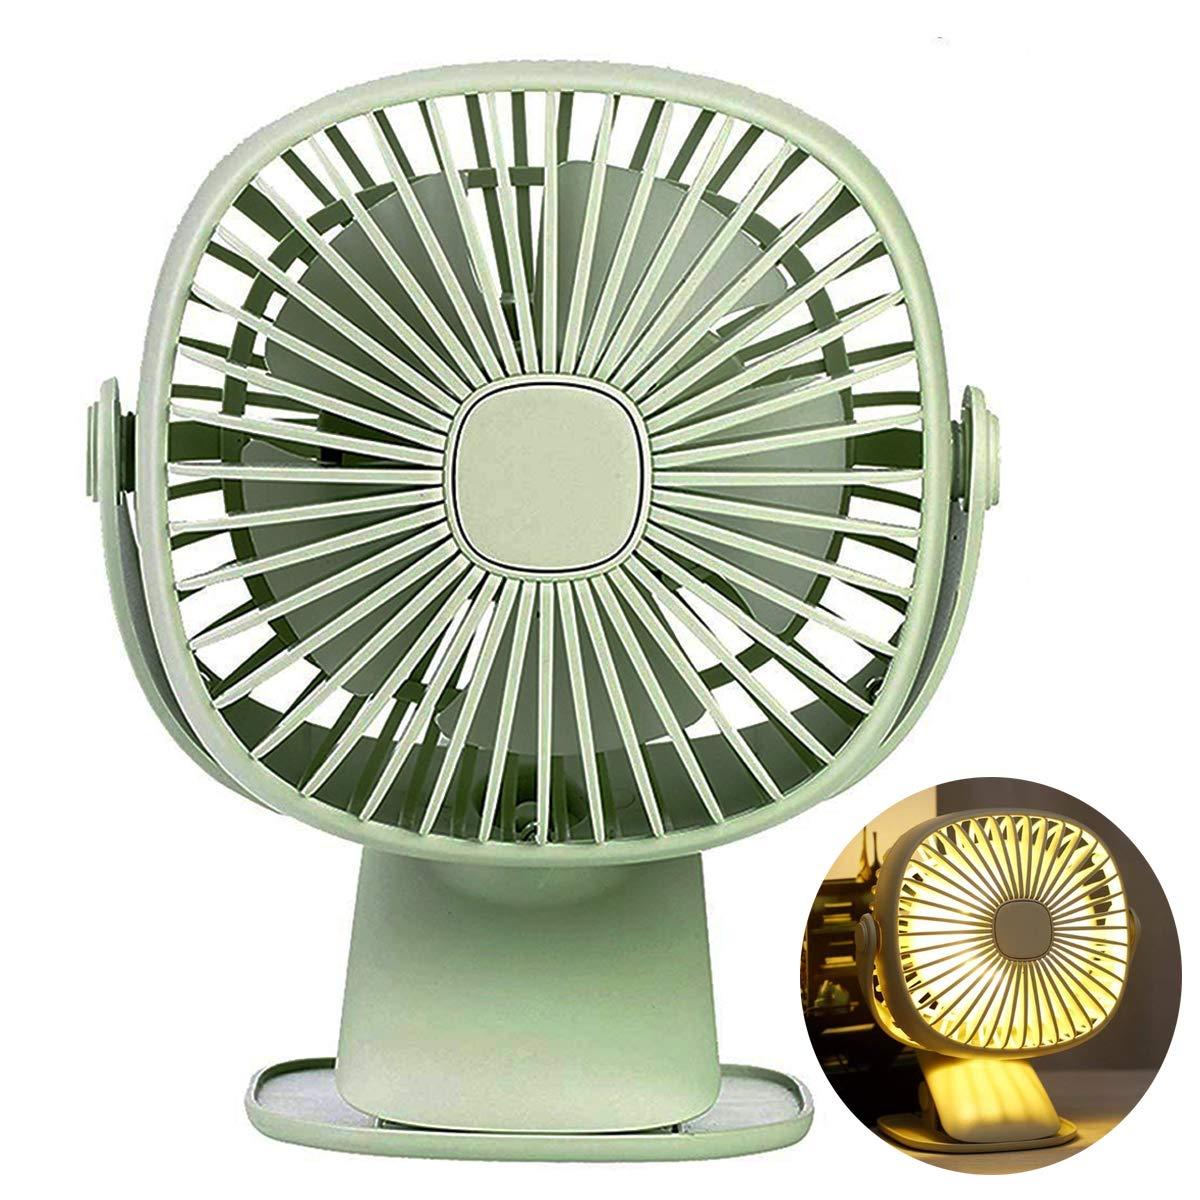 JAKAGO Portable Baby Stroller Fan Mini Desktop Fan with Led Light, 360 Degree Rotation Clip Fan Rechargeable Small USB Fan for Office, Dorm, Bicycle (Green) by JAKAGO